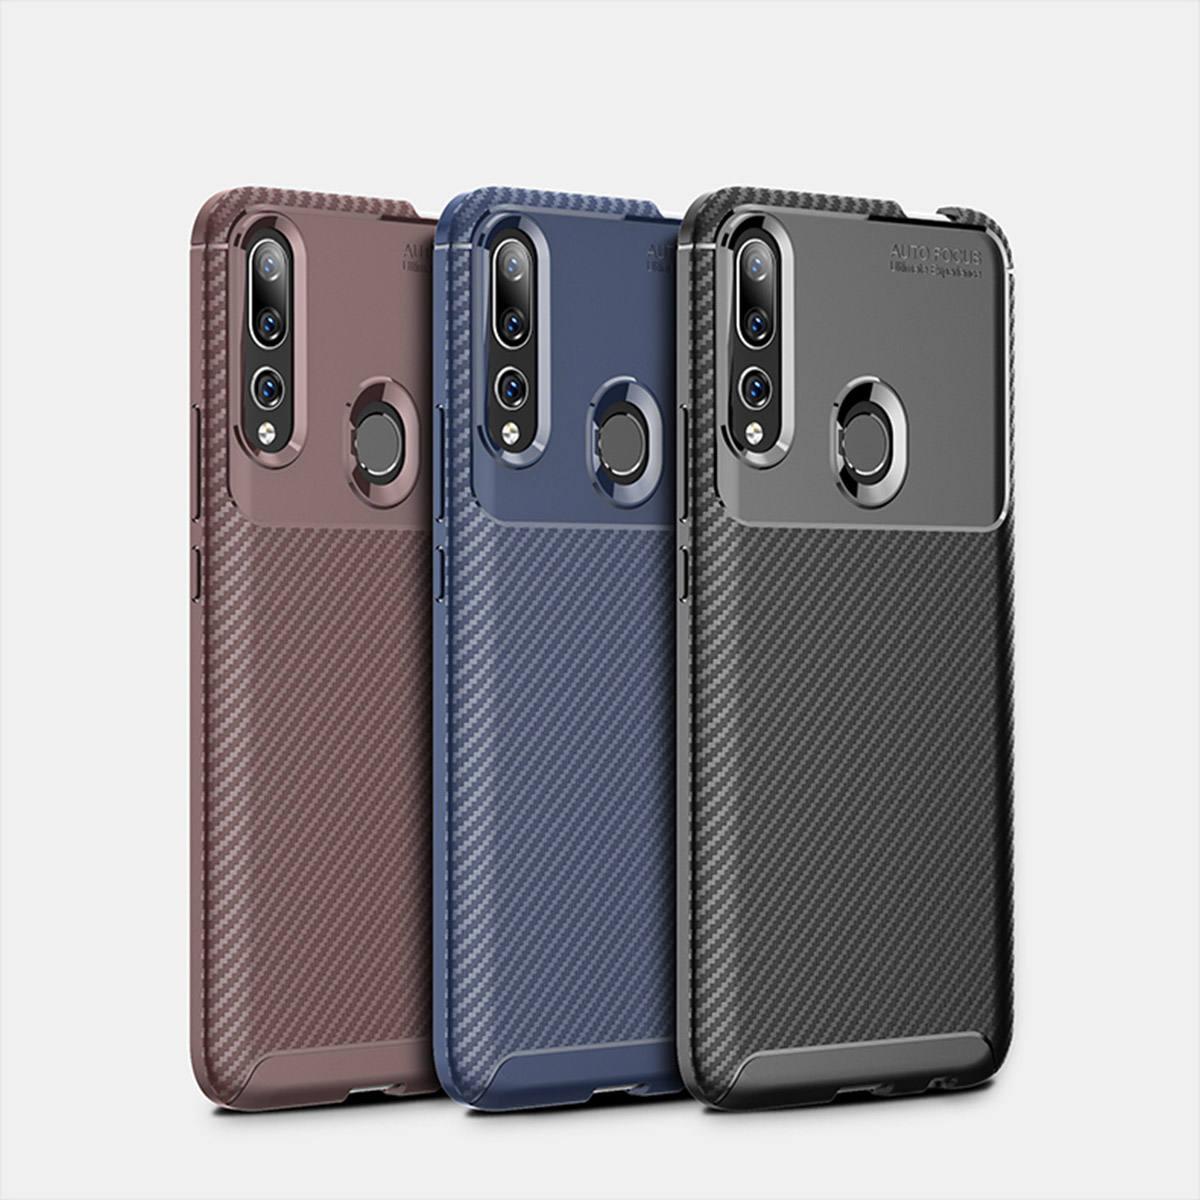 کاور لاین کینگ مدل A21 مناسب برای گوشی موبایل هوآوی Y9 Prime 2019 / آنر 9X thumb 2 22